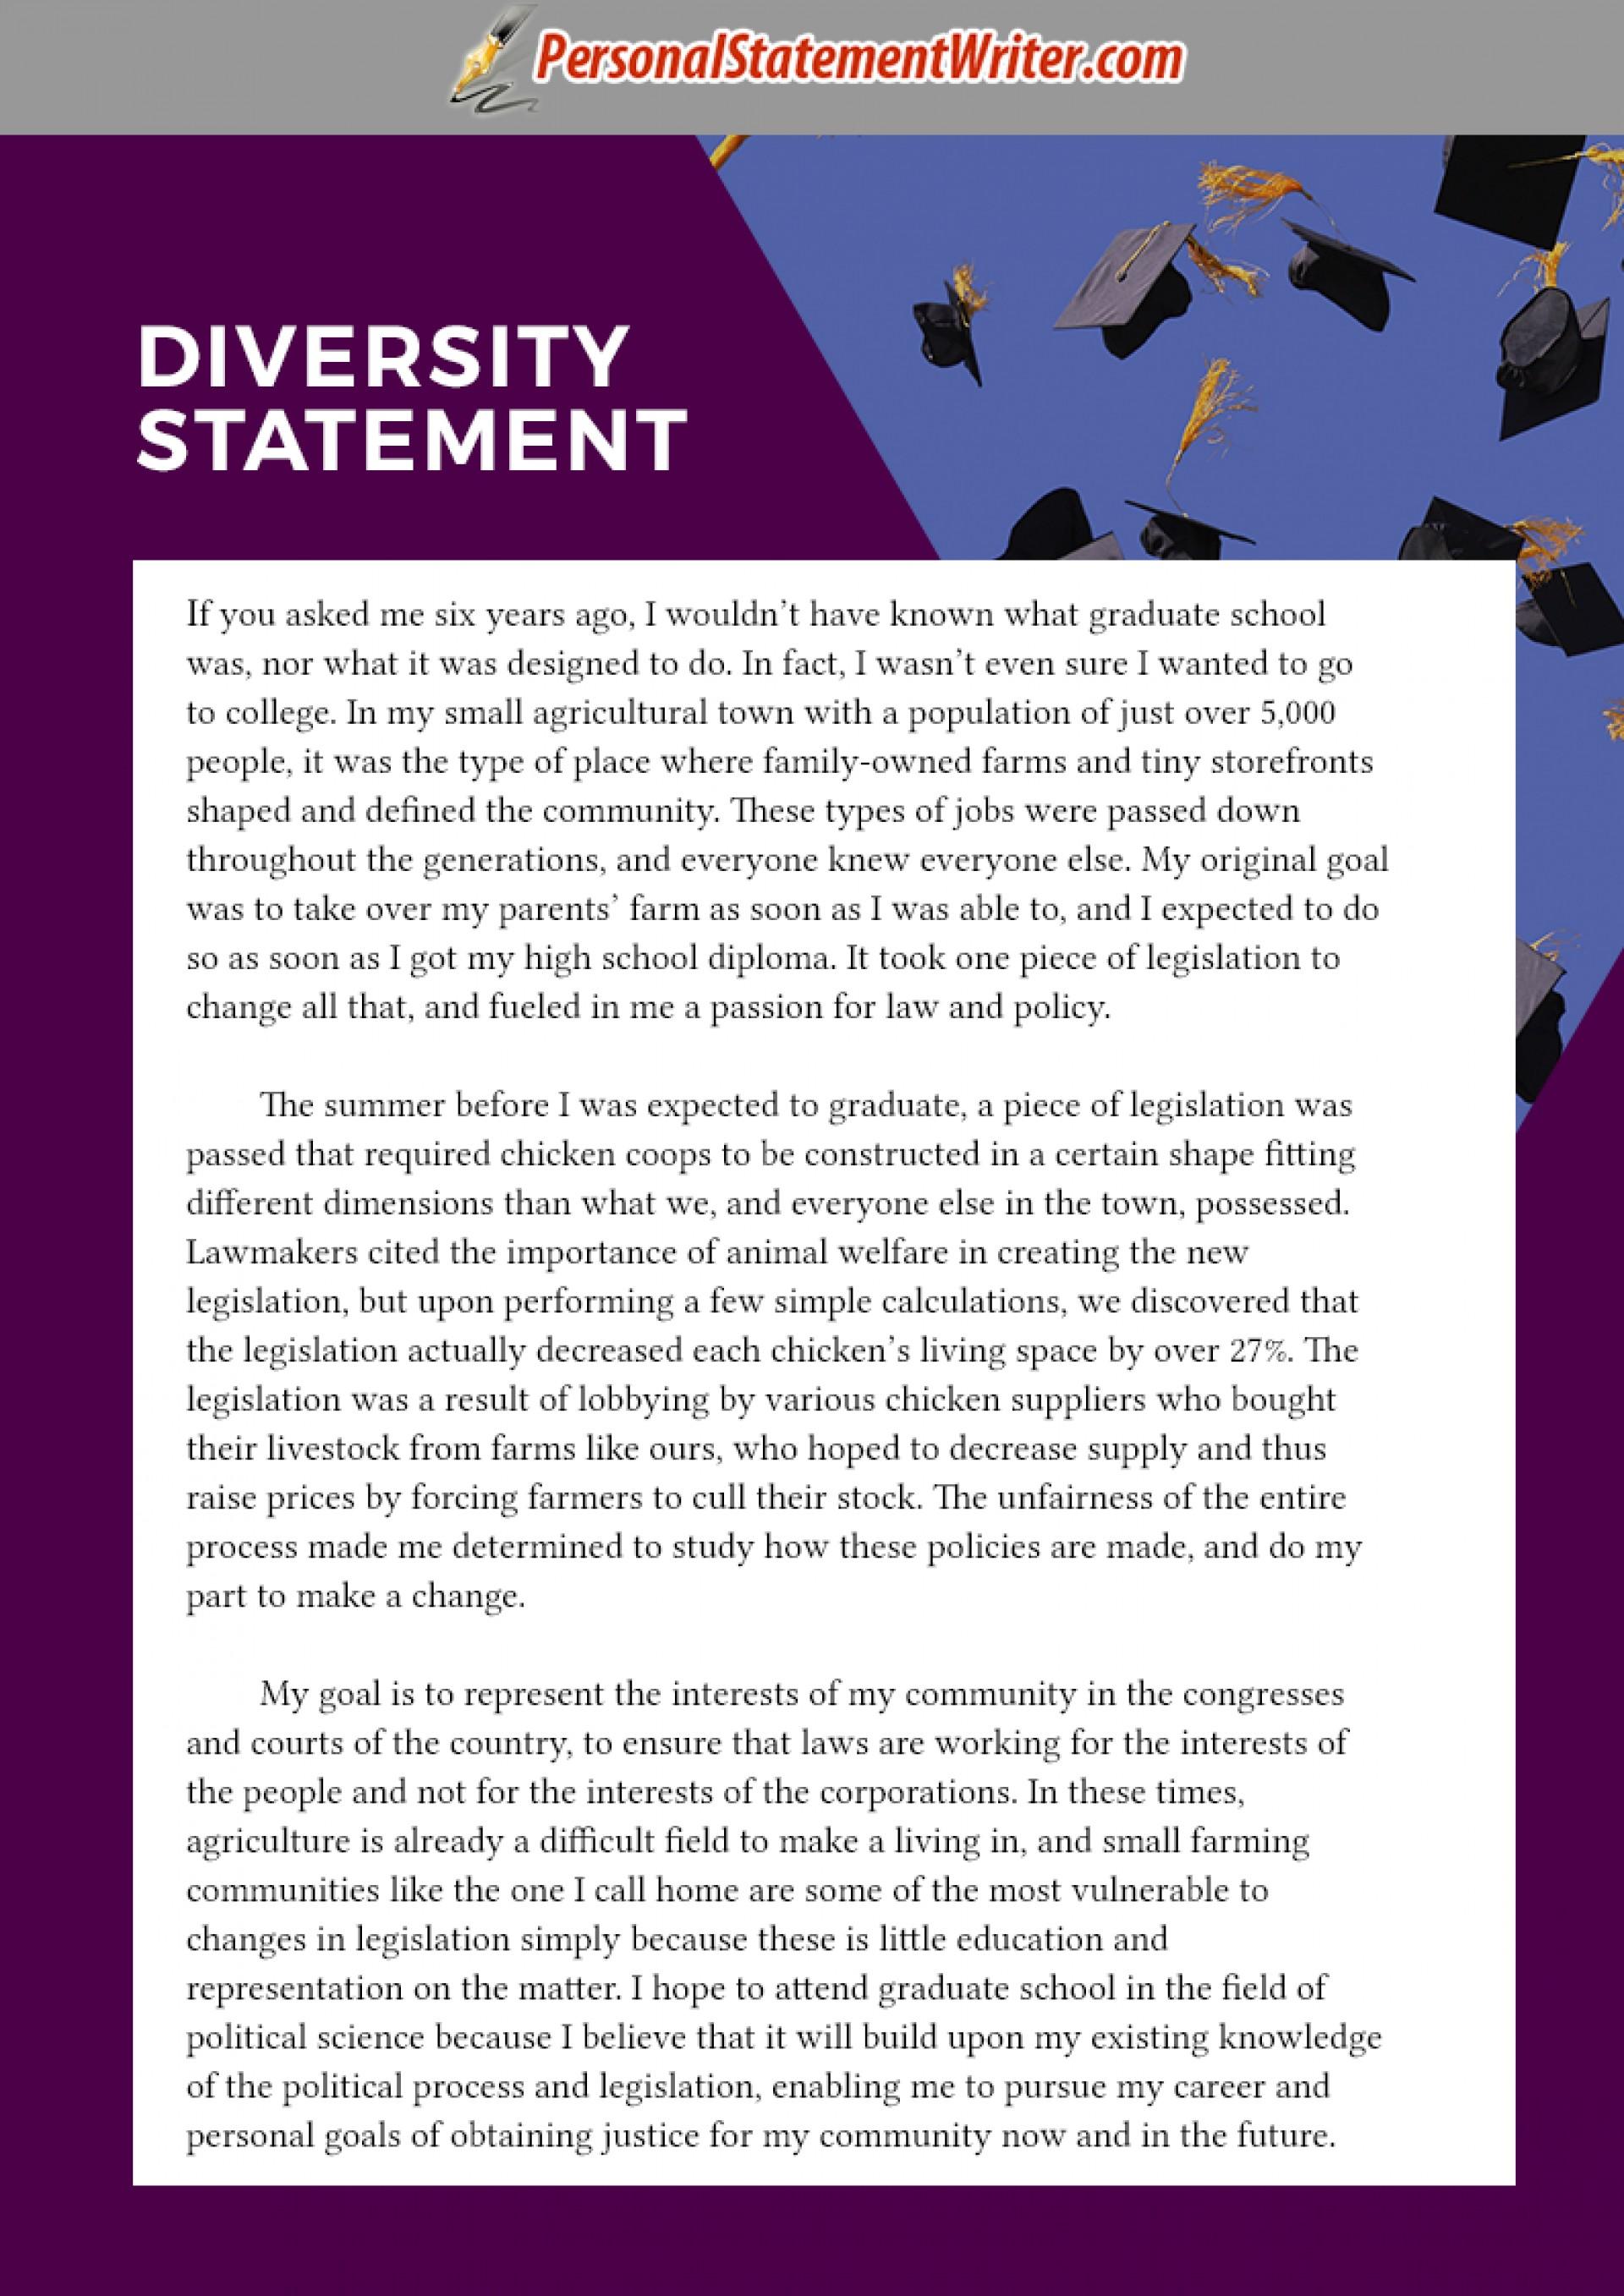 008 Diversity Essay Sample Graduate School Remarkable Uw Law 1920